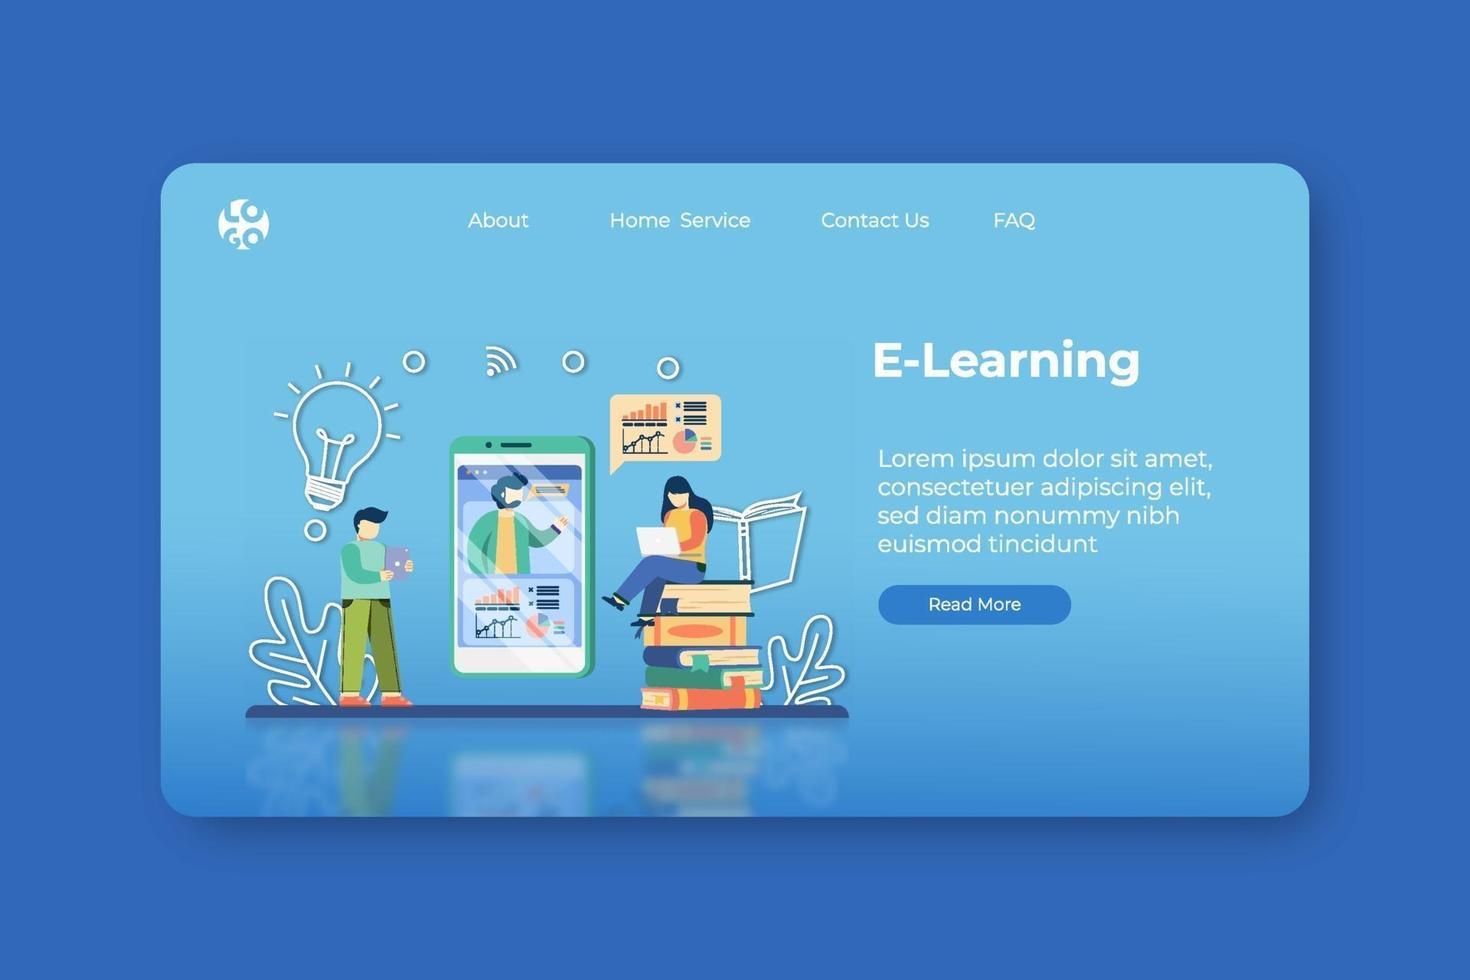 moderne flache Designvektorillustration. E-Learning-Landingpage und Web-Banner-Vorlage. digitaler Unterricht, Online-Unterricht, Fernunterricht, Heimunterricht, Lernen während der Quarantäne vektor